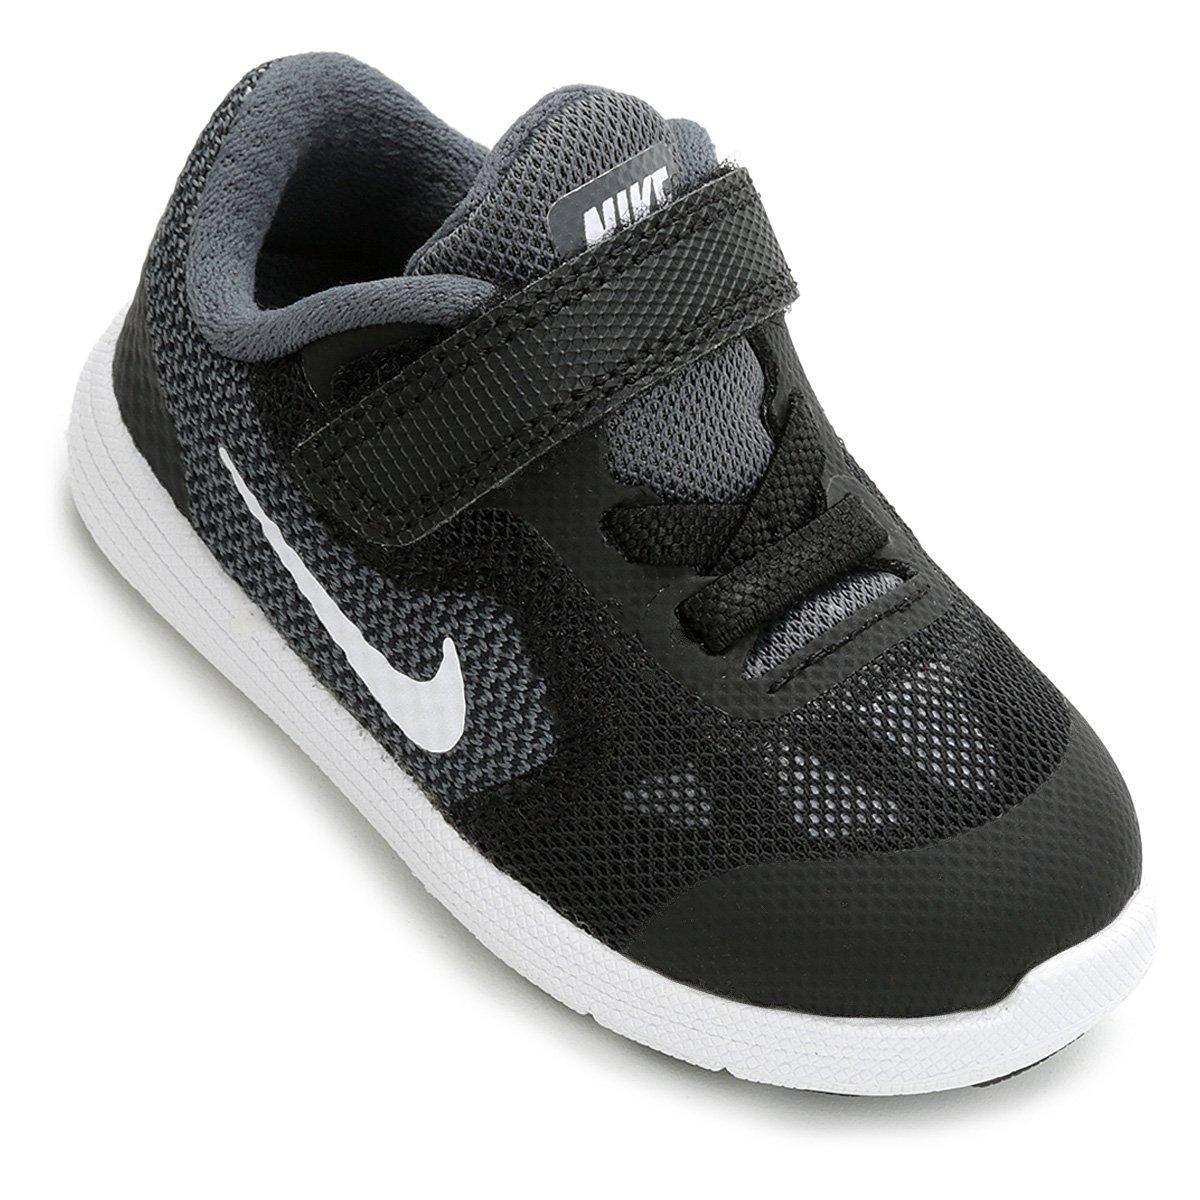 48941f342c Tênis Infantil Nike Revolution 3 - Preto e Cinza - Compre Agora ...